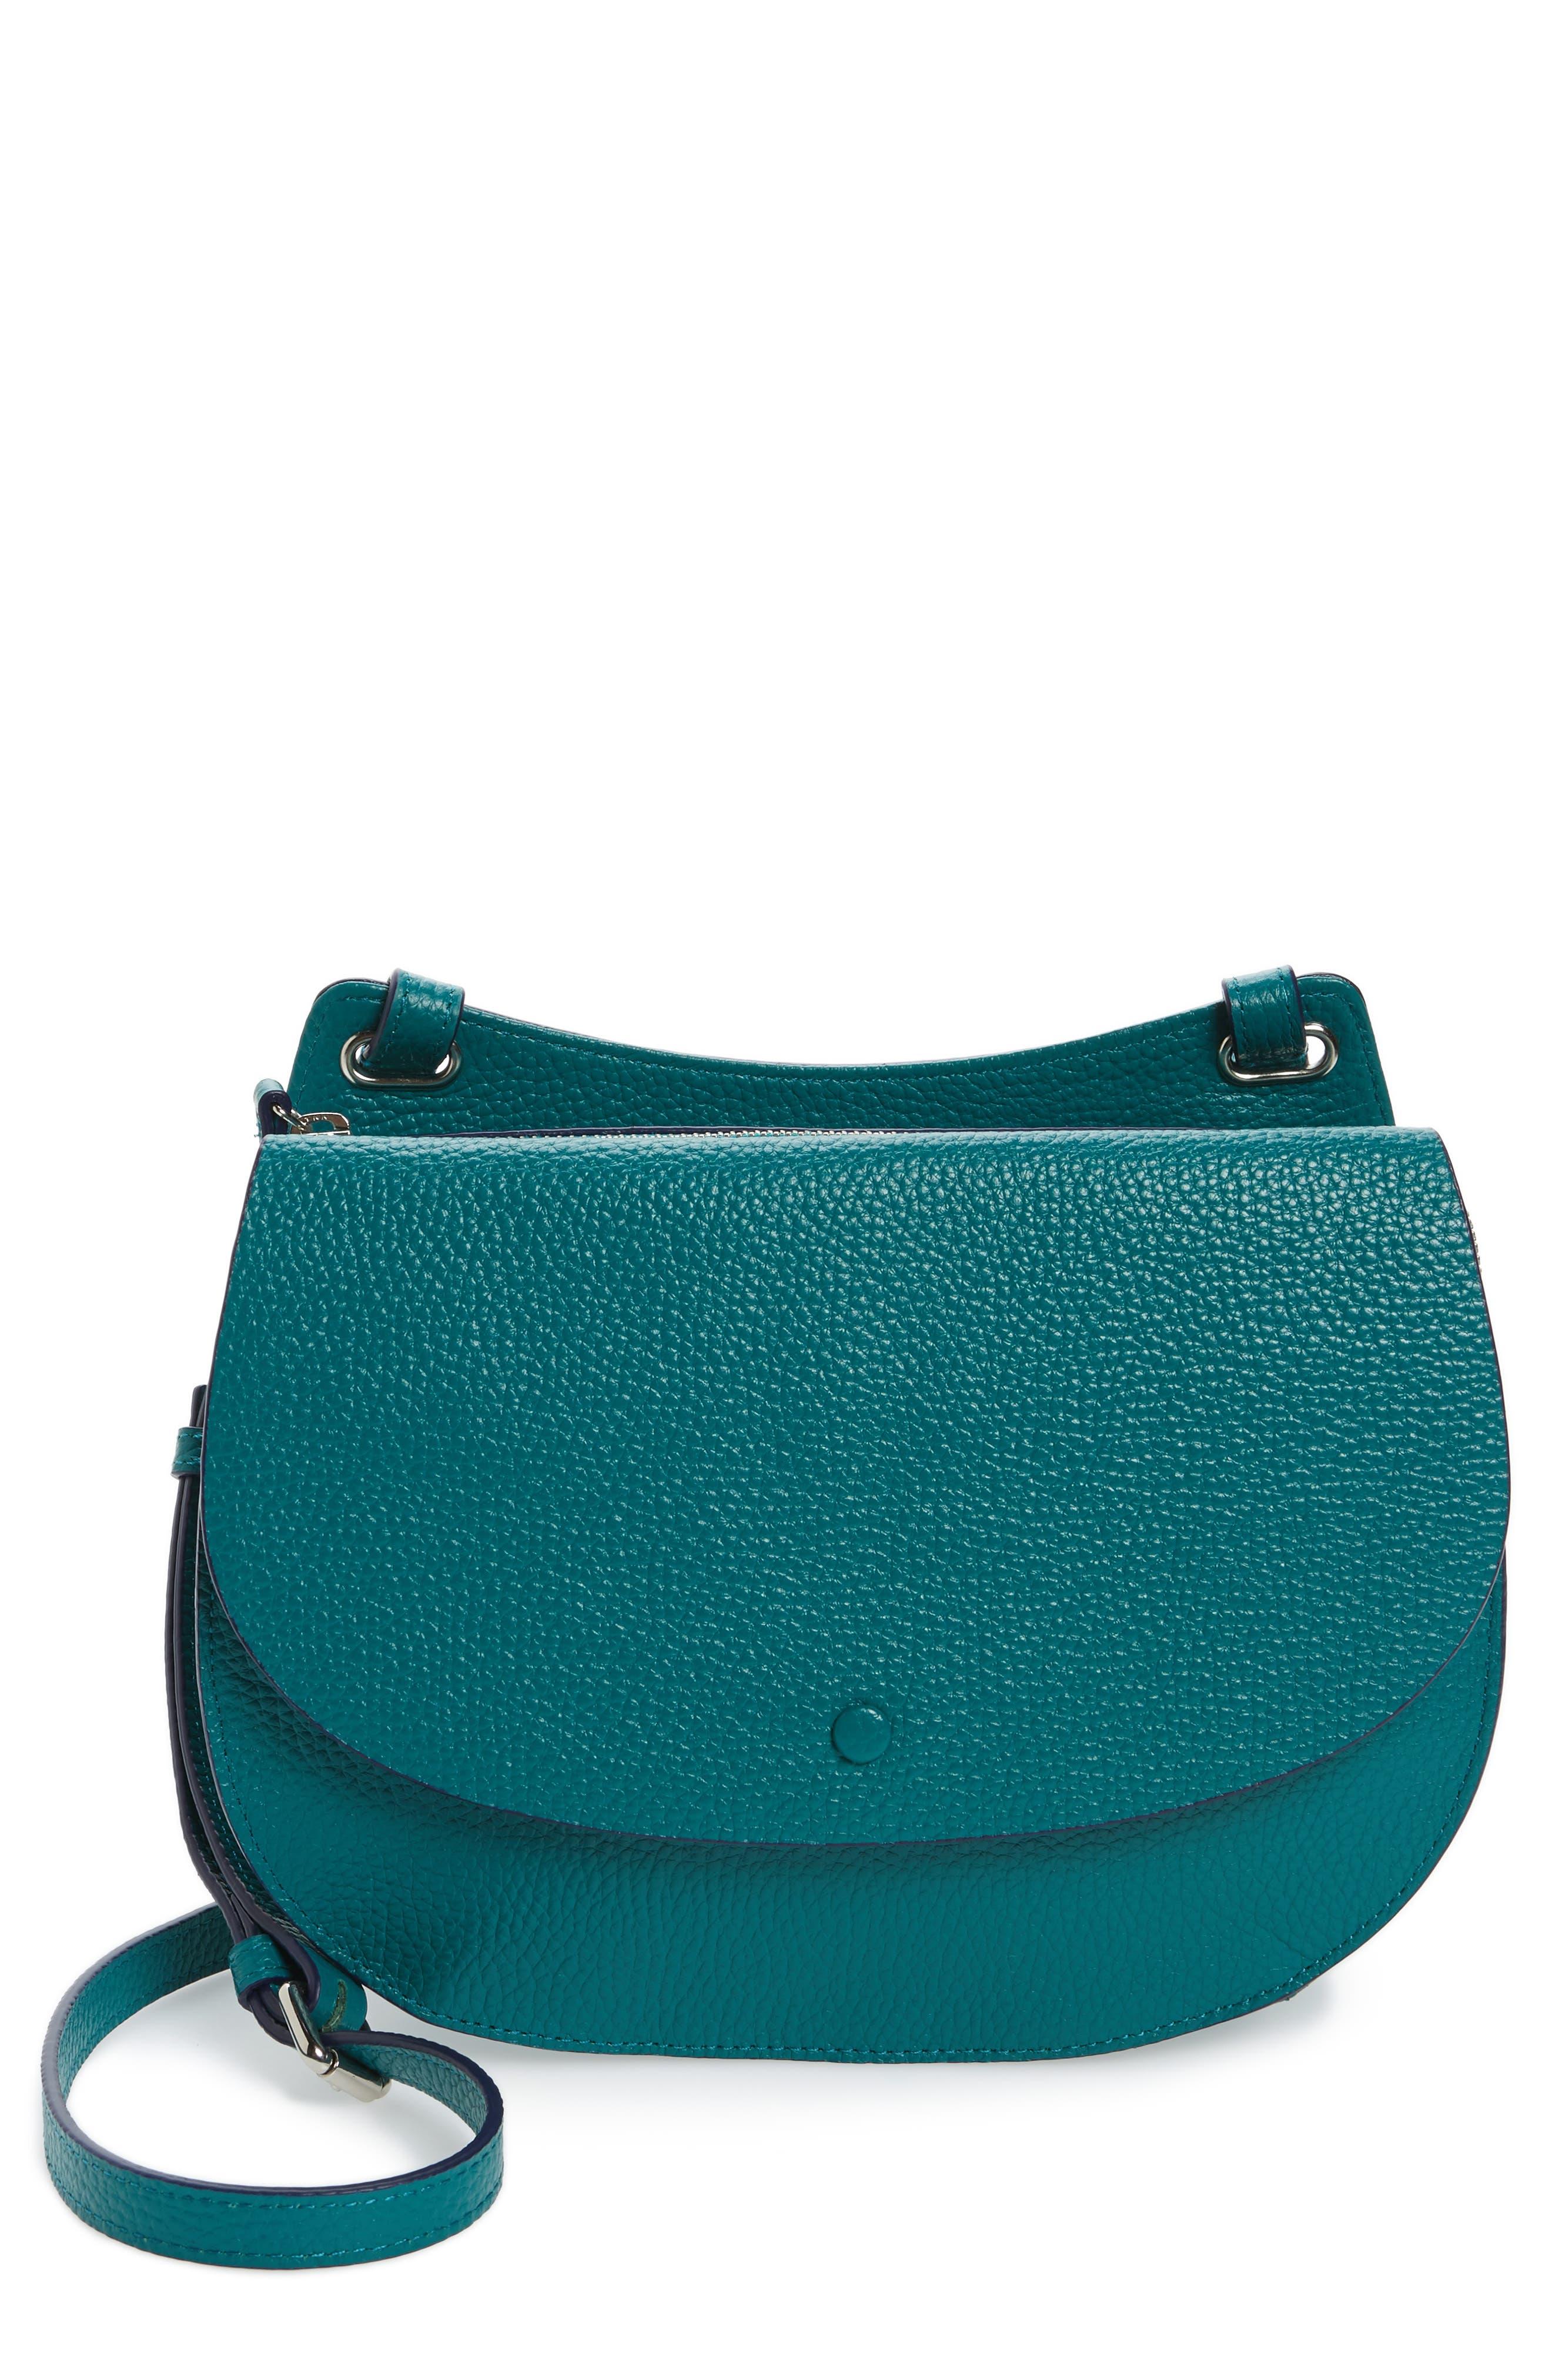 Alternate Image 1 Selected - Halogen® Leather Saddle Bag